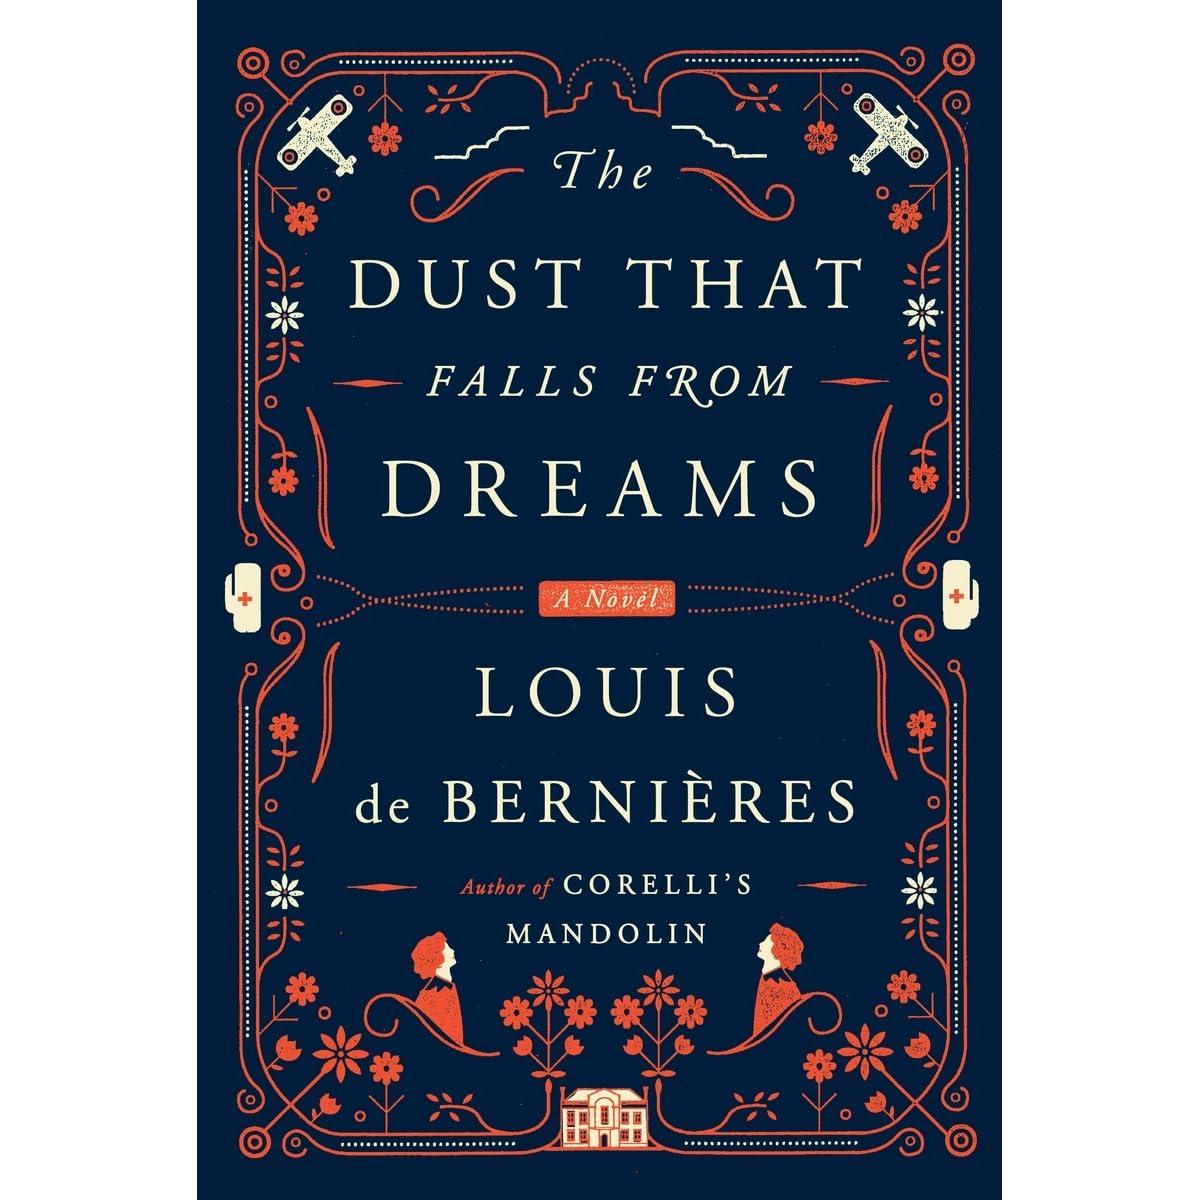 The Dust That Falls from Dreams by Louis de Bernières